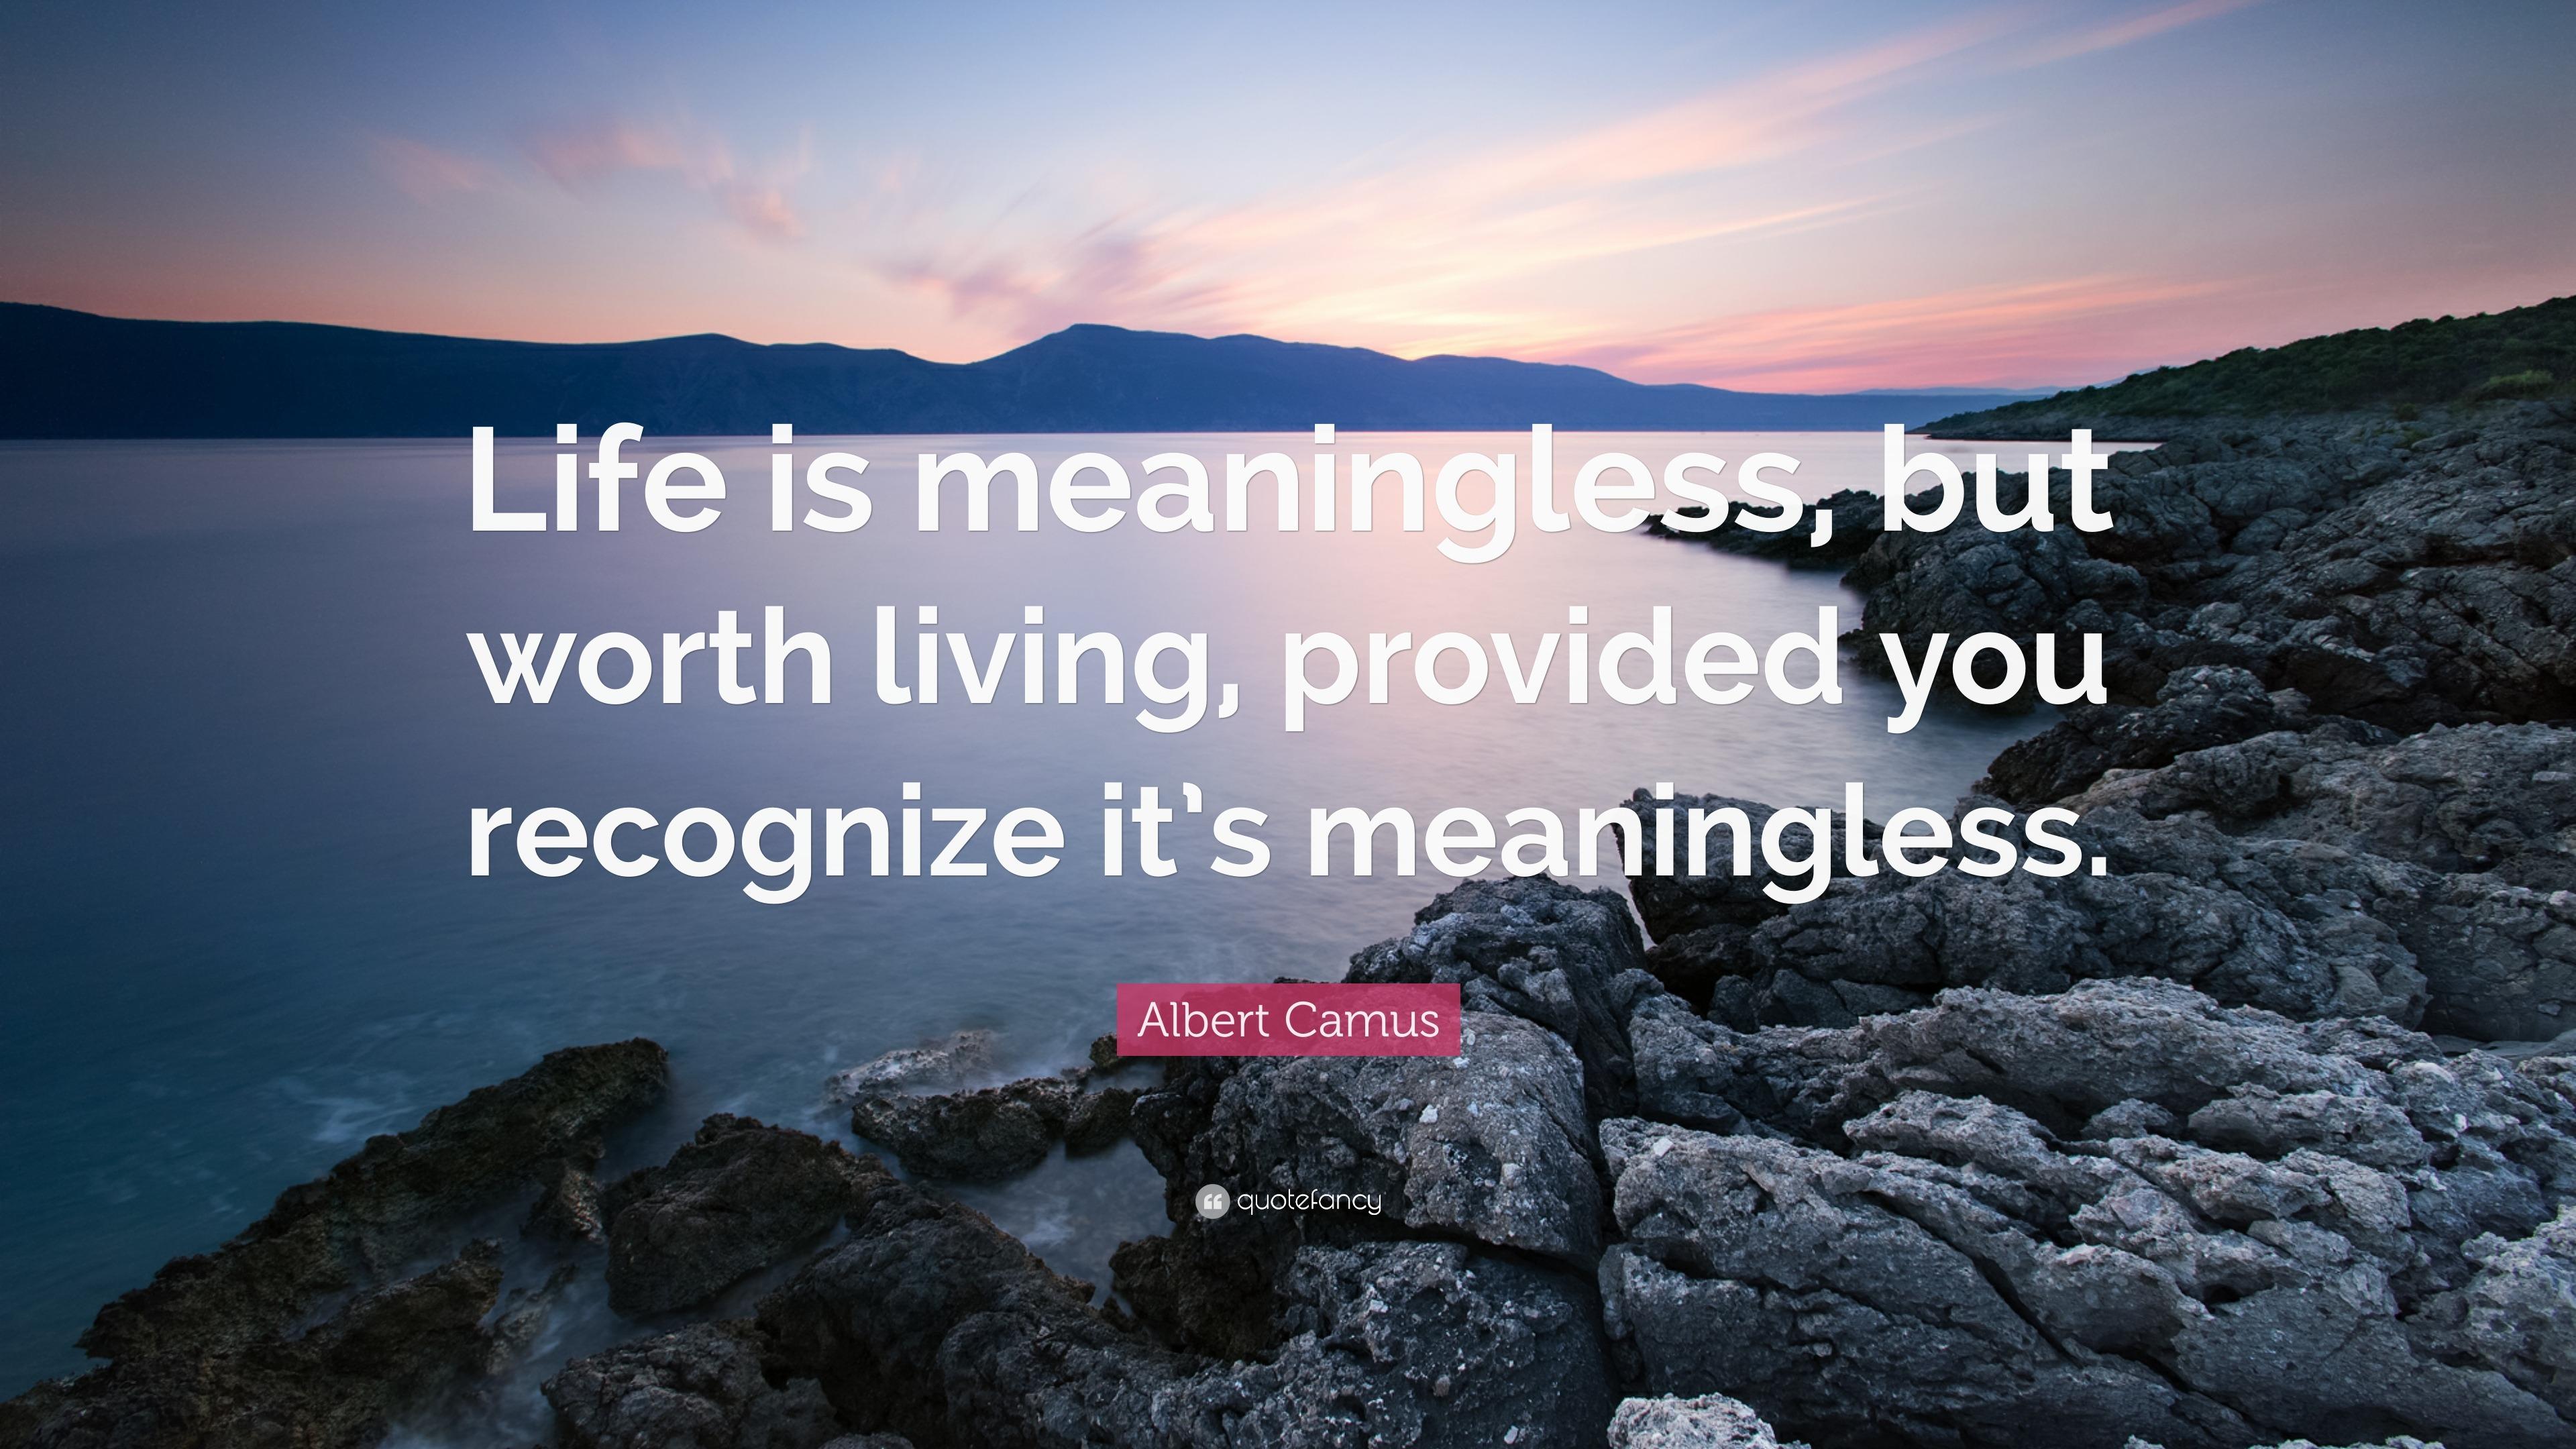 Resultado de imagen de camus quote on life